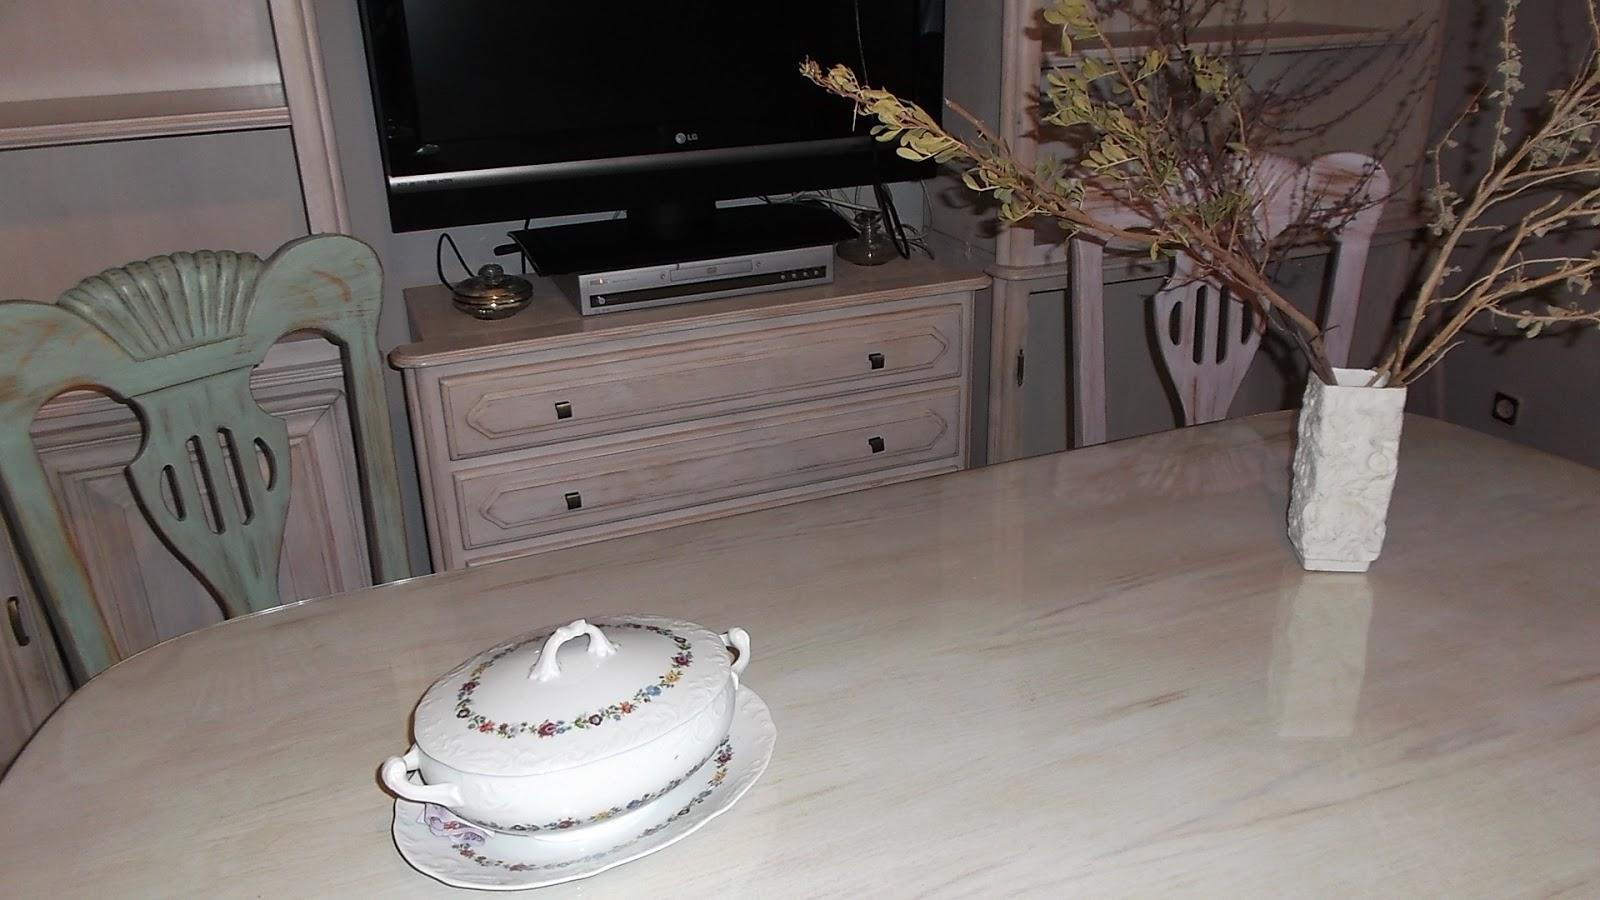 Artesare pintar y decorar muebles - Restaurar decorar y pintar muebles ...